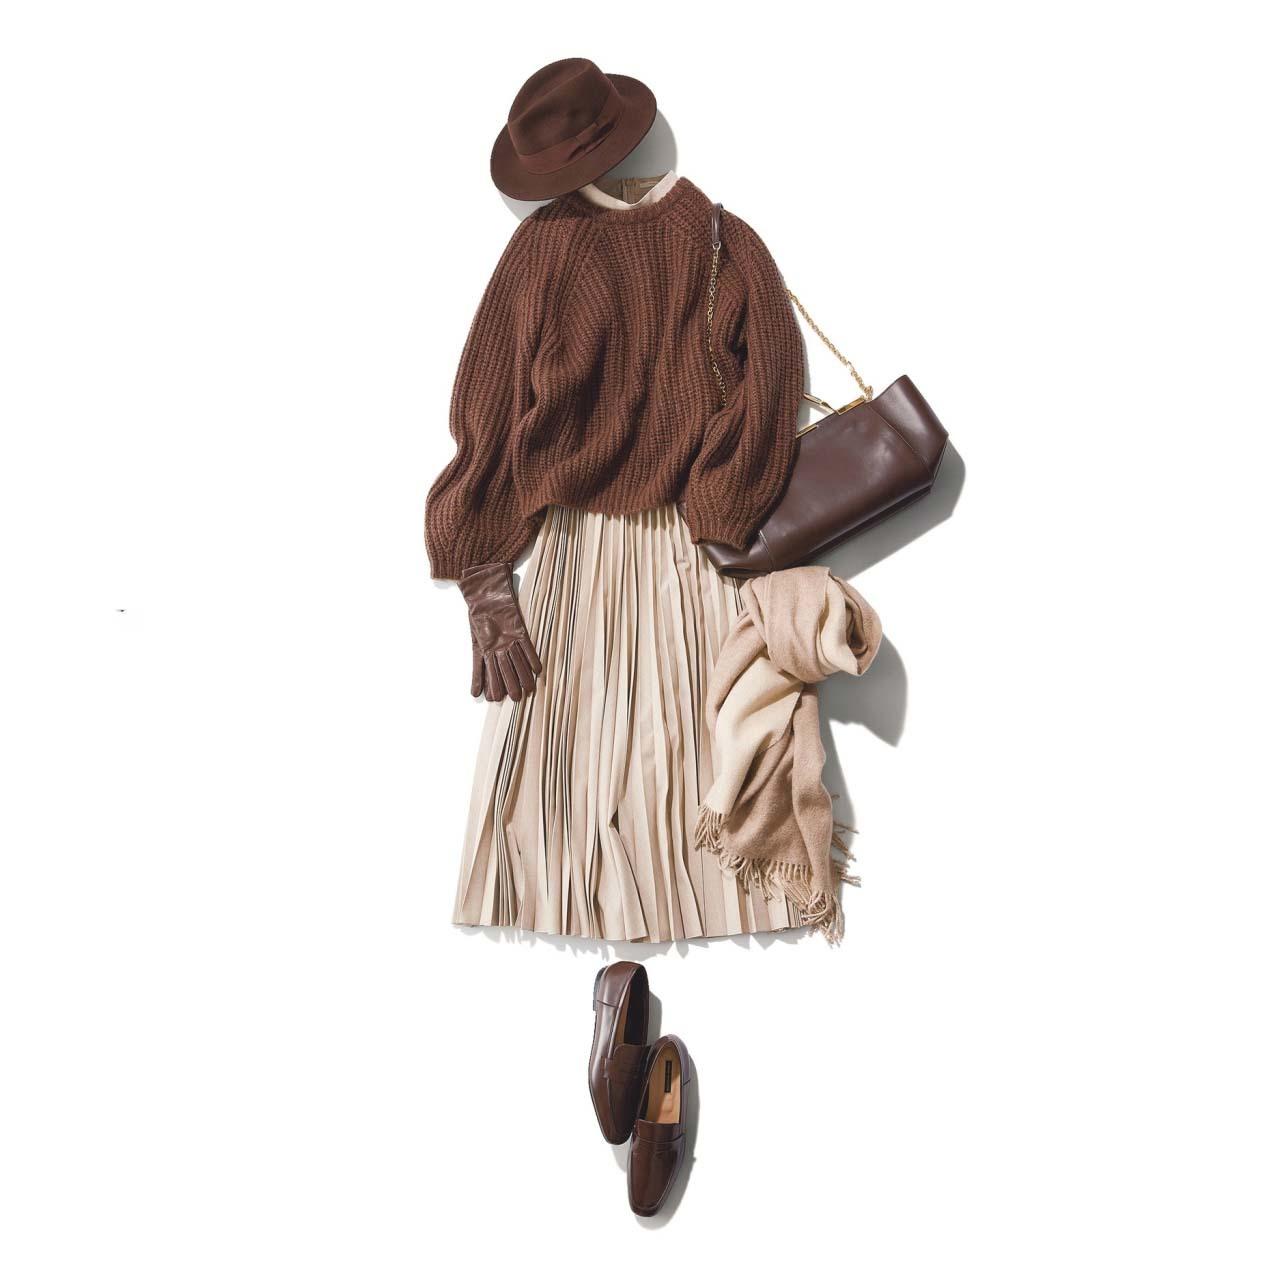 ニット×プリーツスカートの上品フェミニンコーデ